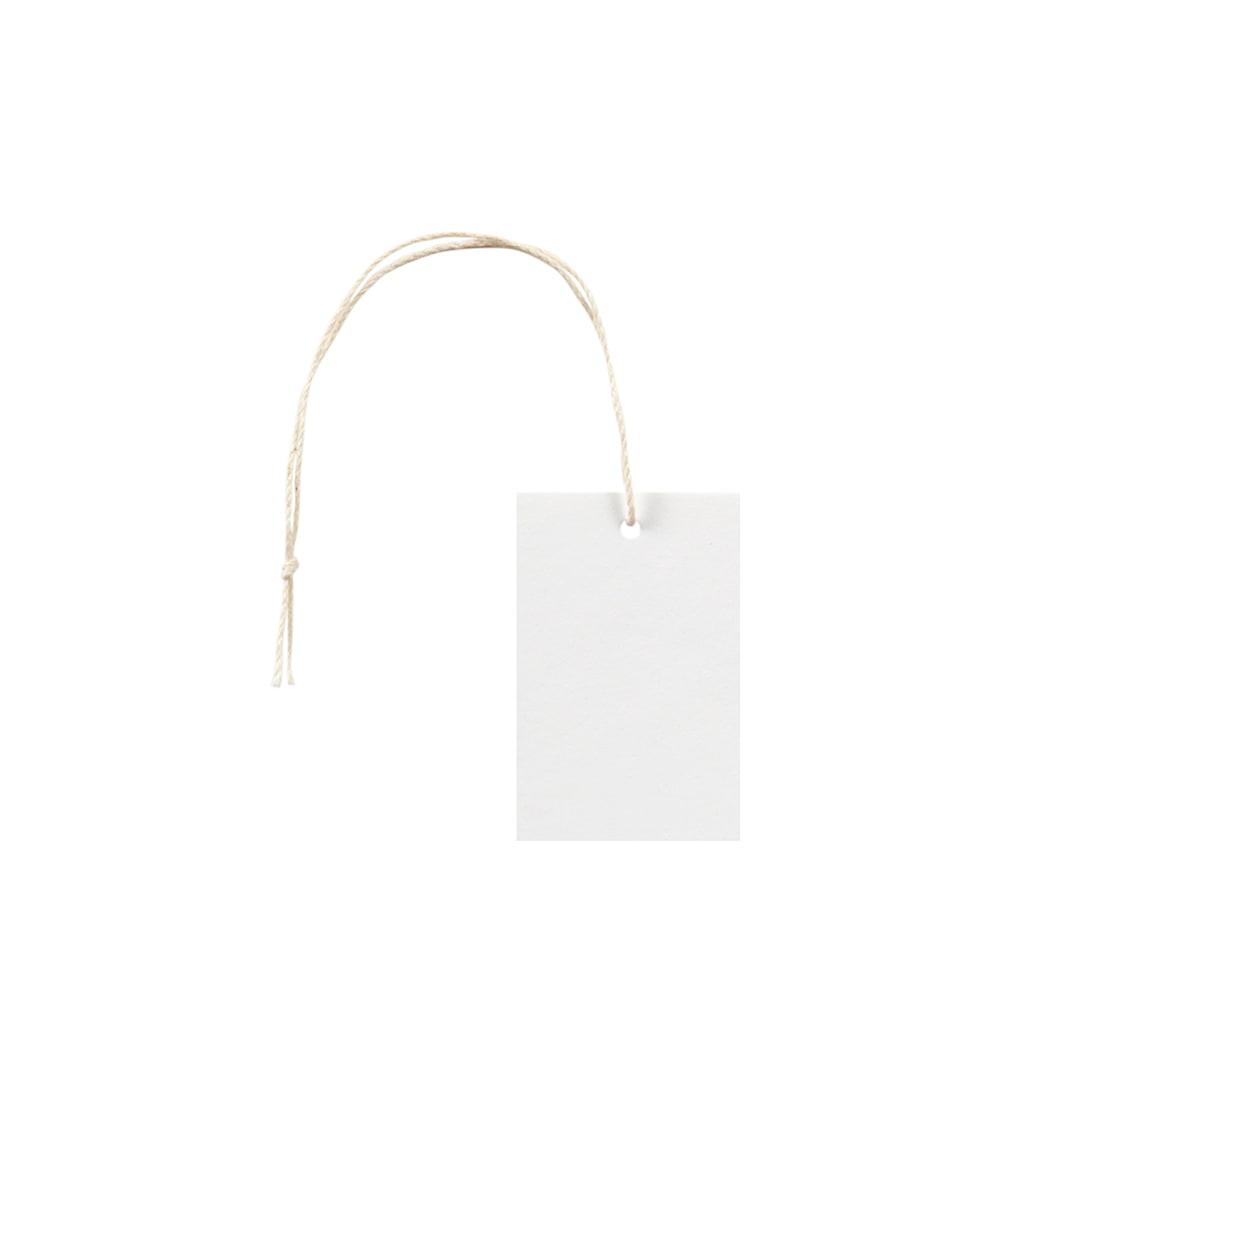 タグ35×55四角形 コットンスノーホワイト 232.8g タグ紐(細)コットン生成